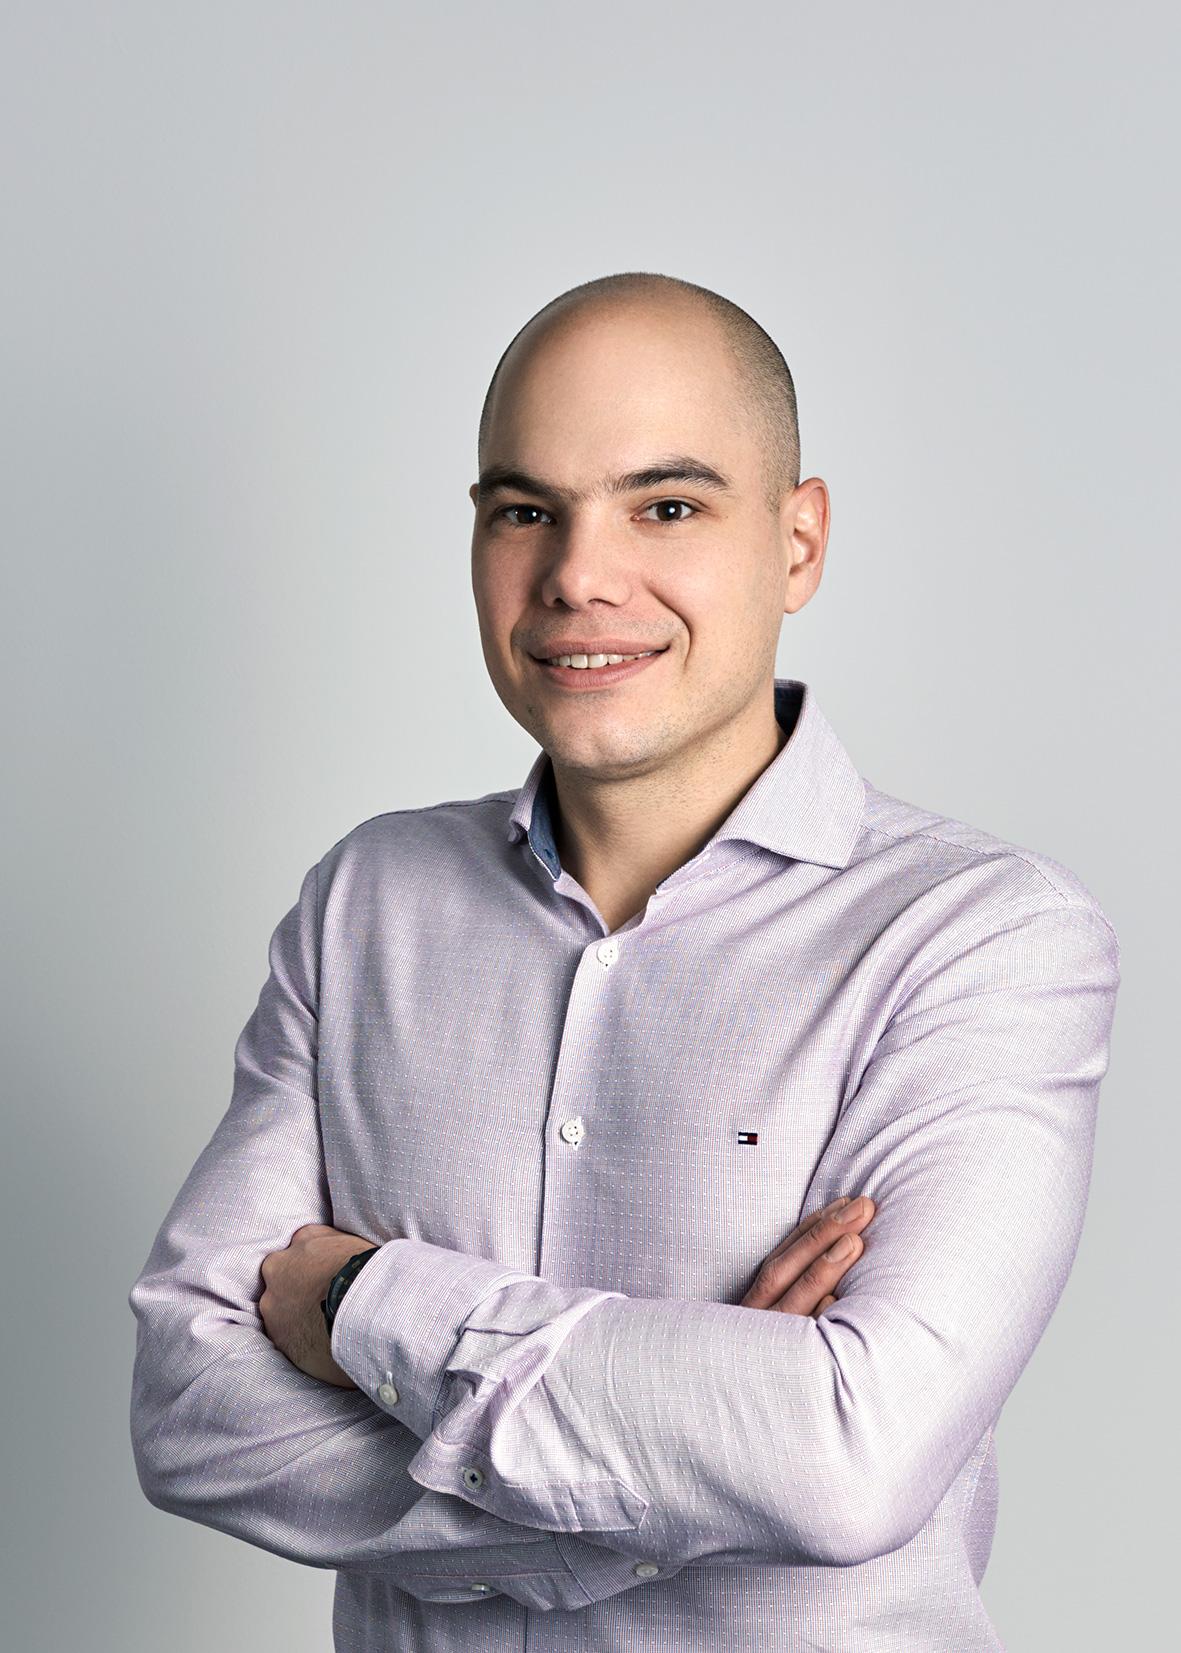 Tomasz Zajac